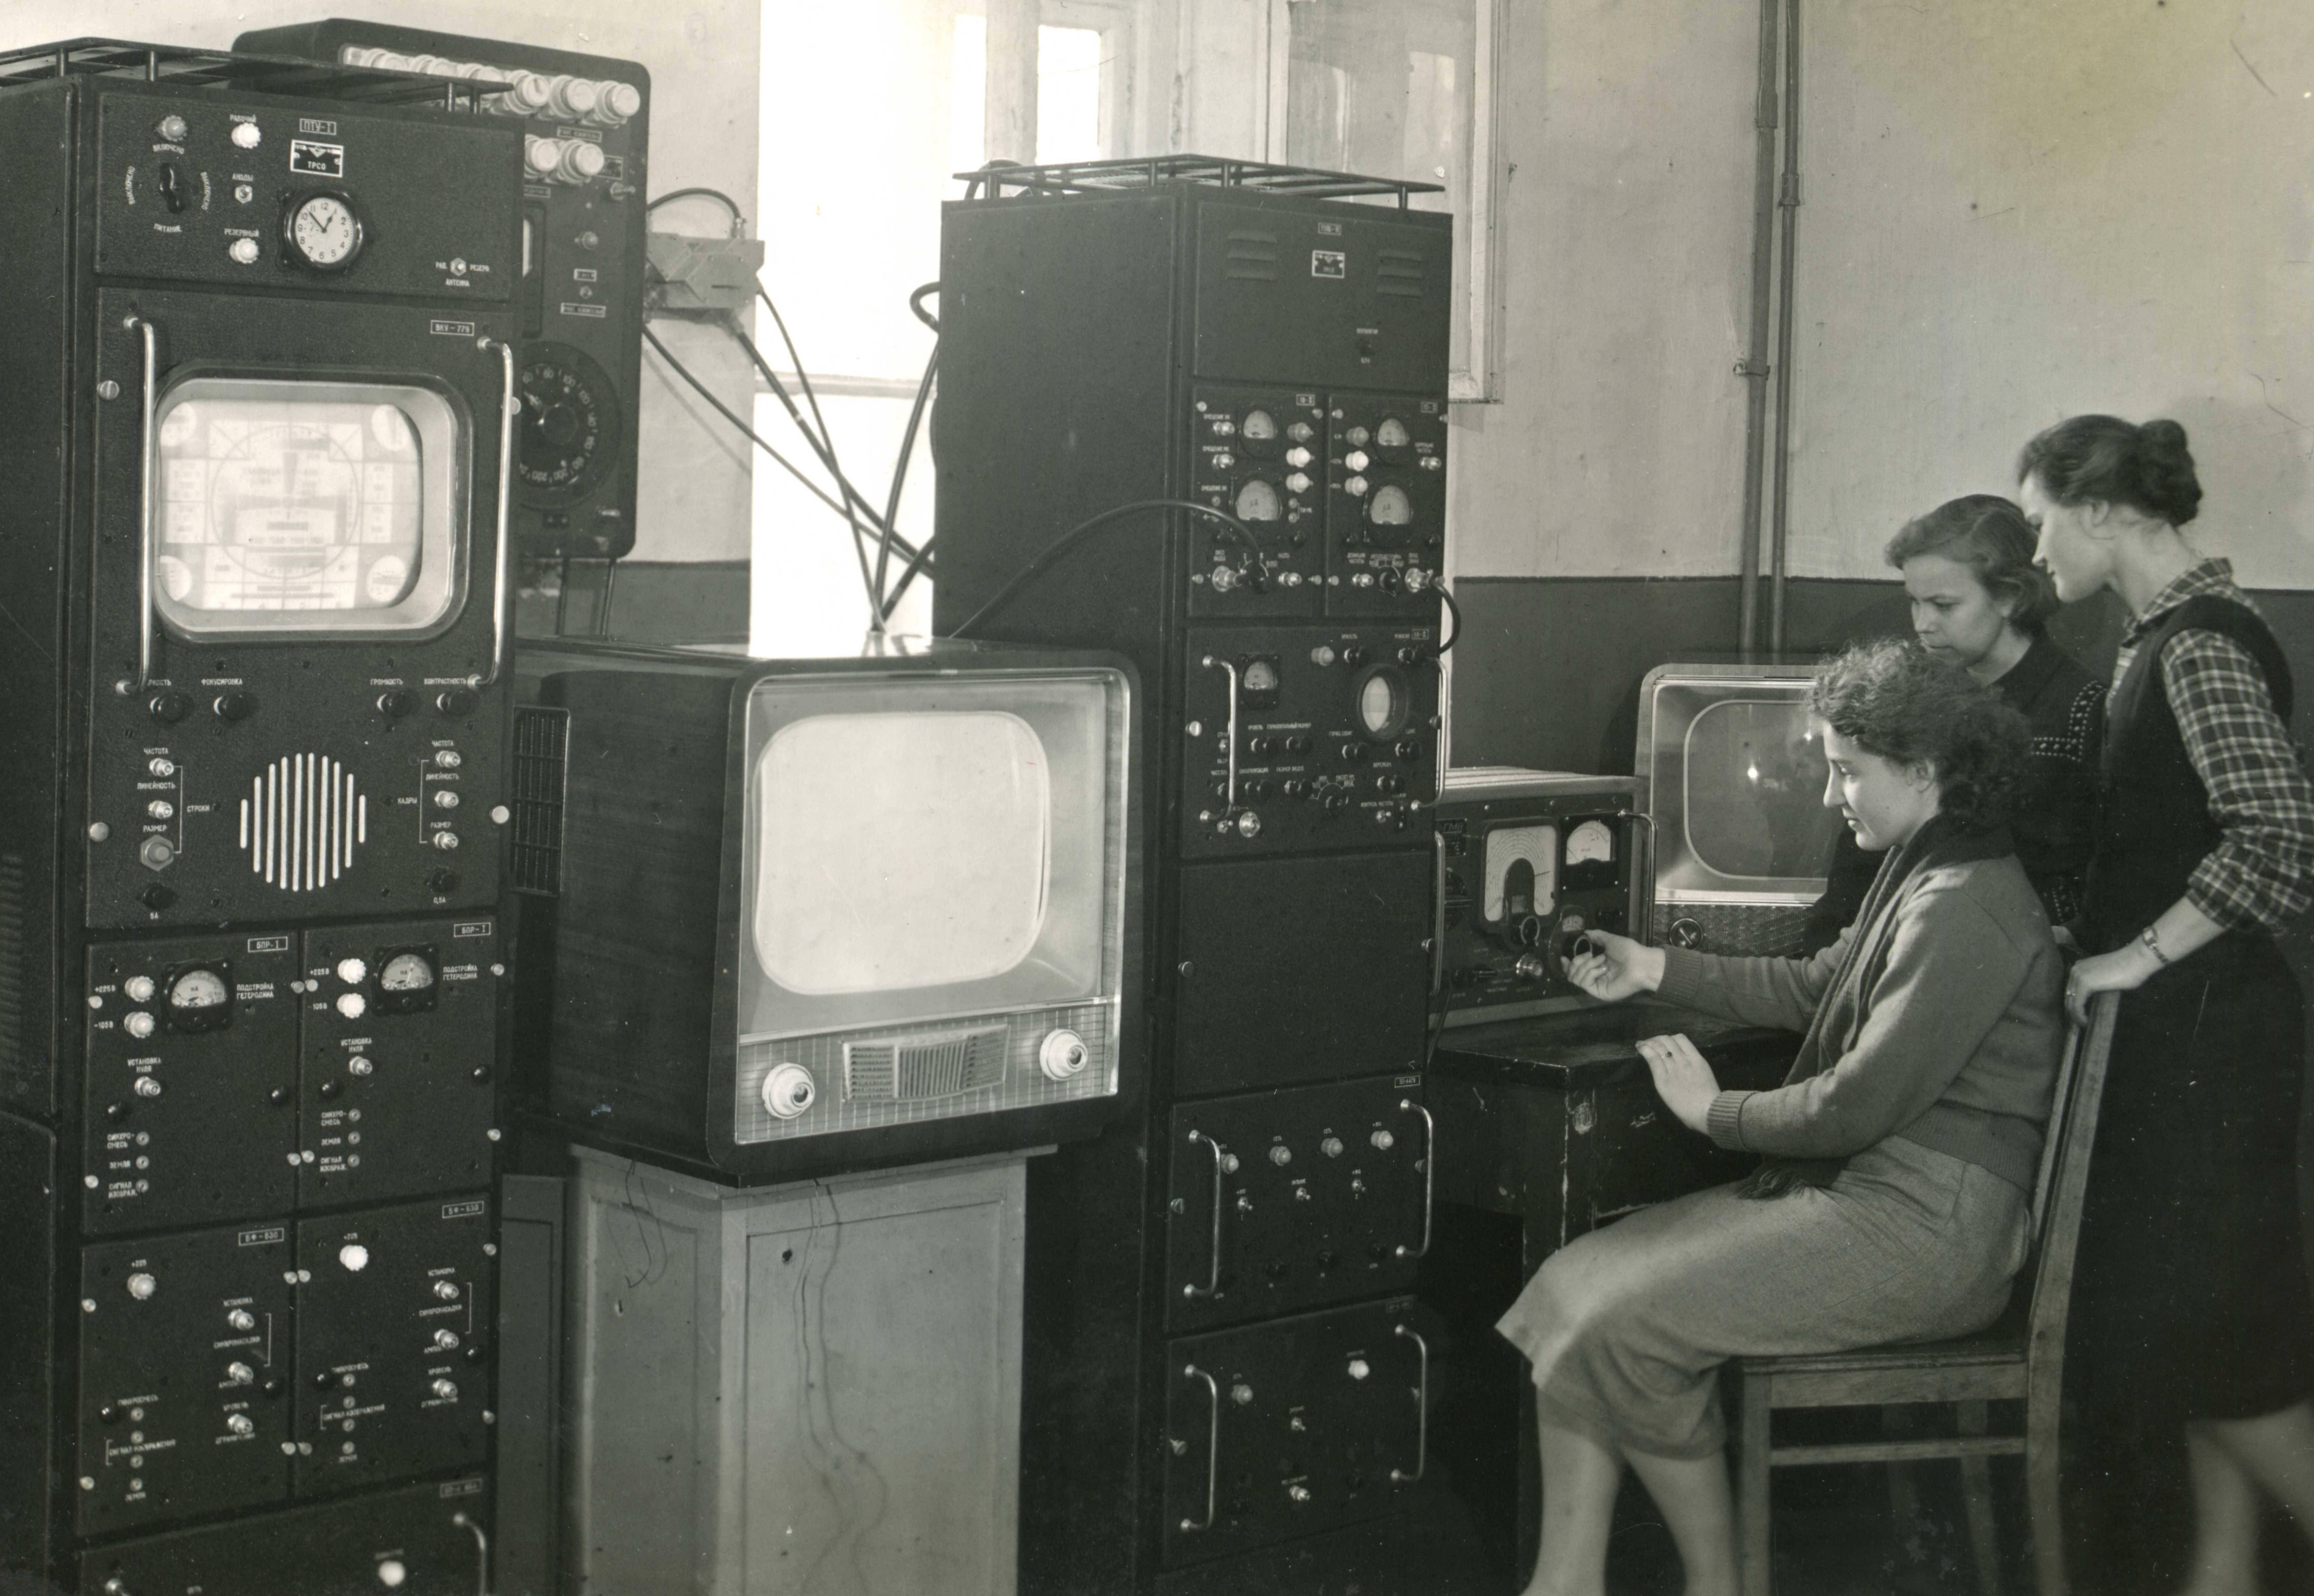 Смотреть тв польши онлайн. телеканалы польши: tv-asta, trwam, pomerania tv, telewizja dami, itv. прямой онлайн эфир. интернет телевидение.